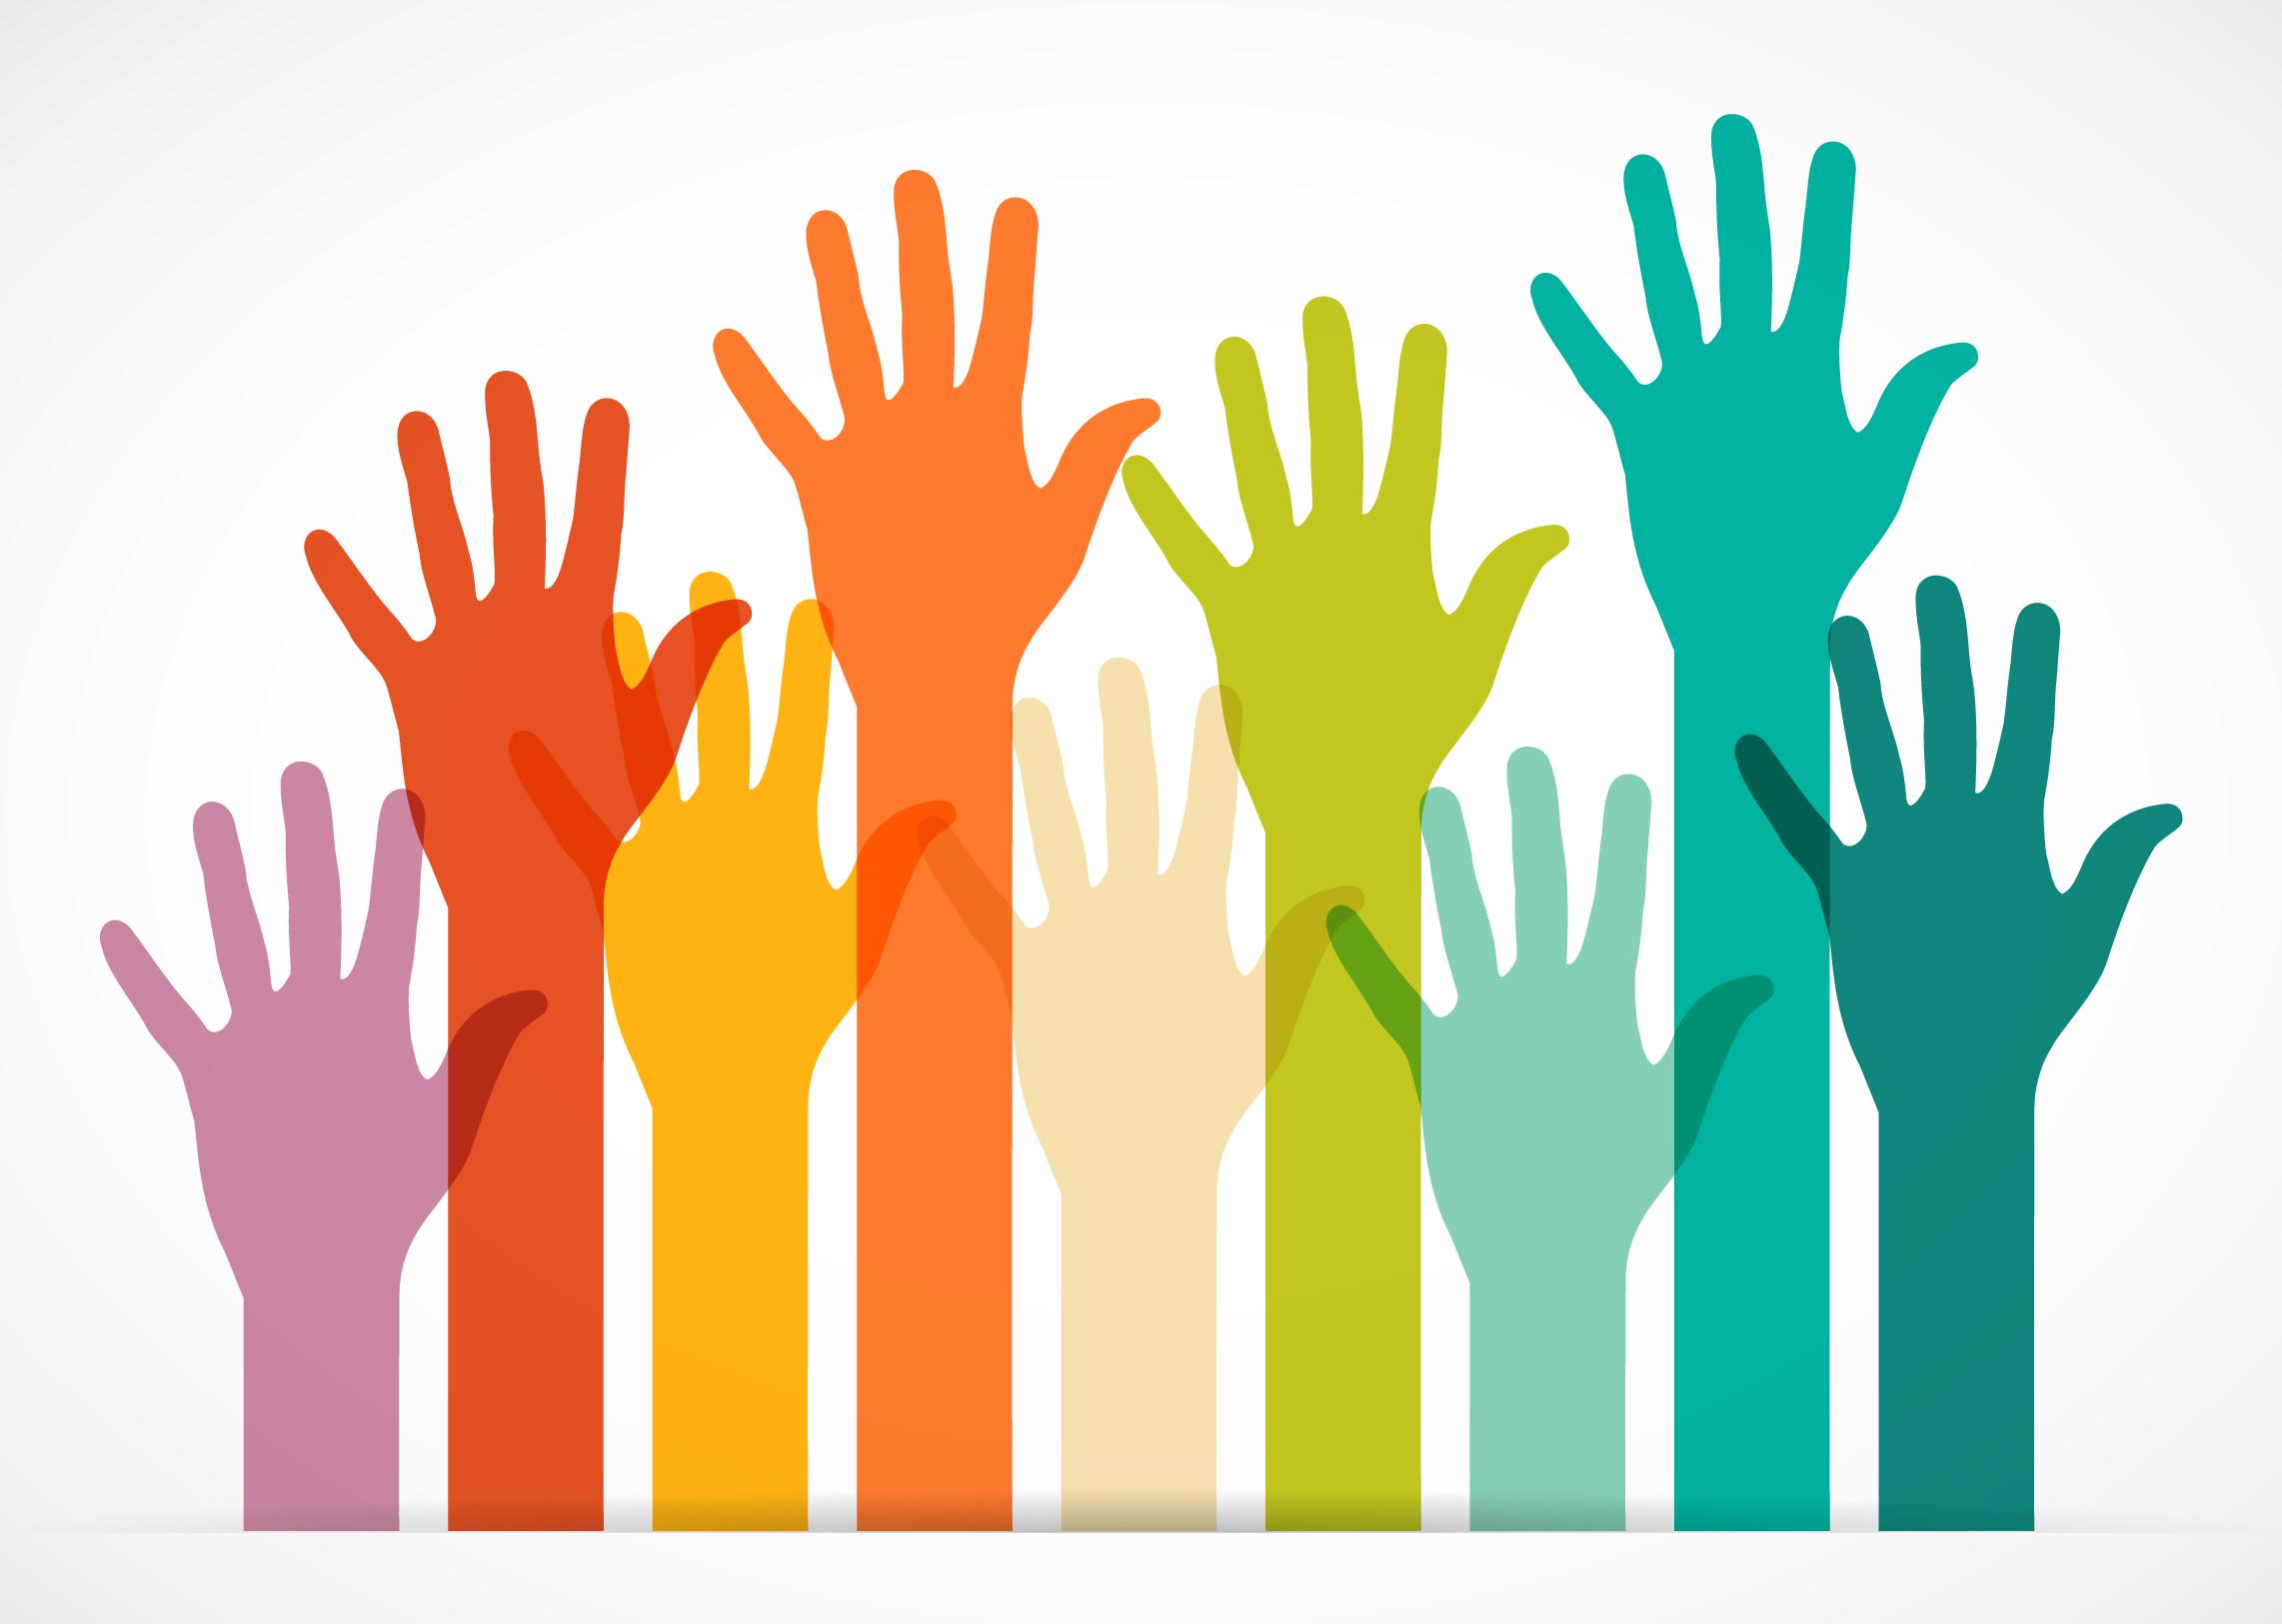 La Responsabilità Sociale d'Impresa in Rete: appuntamento il 26 marzo per scoprire le esperienze e le buone prassi realizzate nei laboratori in provincia di Ravenna e di Ferrara